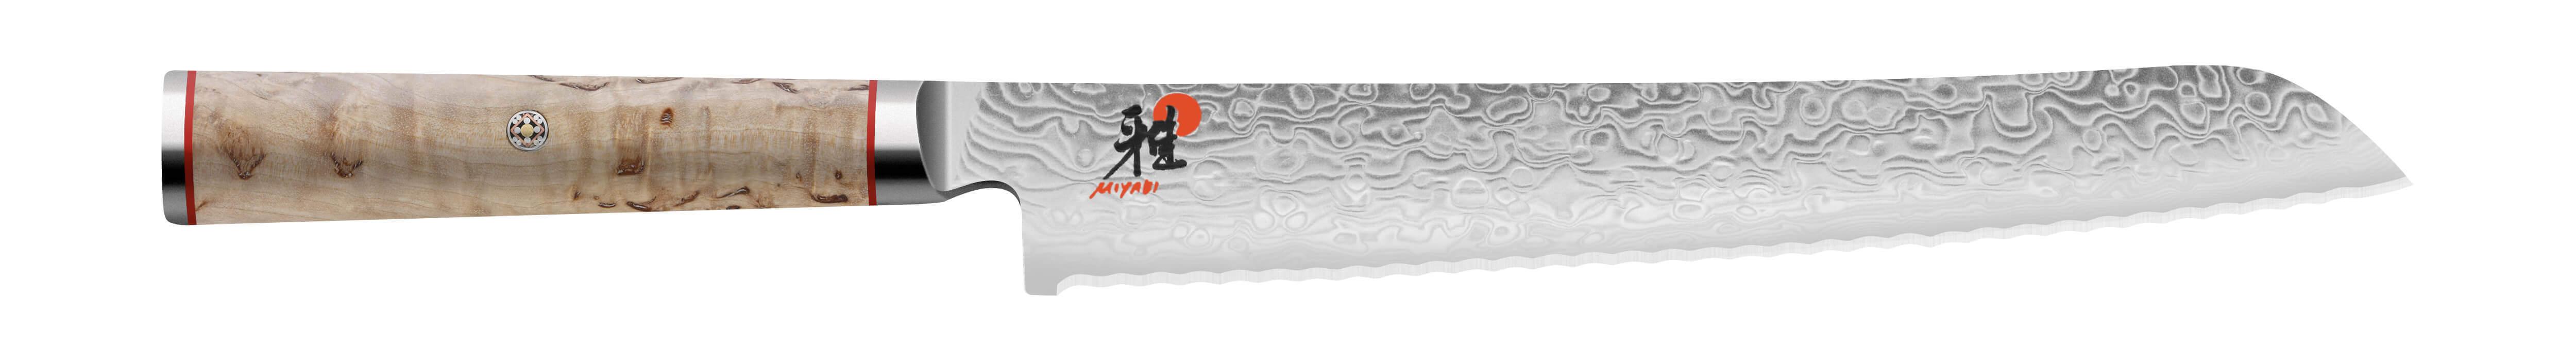 La gamme de couteaux 500MCD de Miyabi comprend des couteaux design et de qualité. Ceux ci possèdent une dureté de 63 HRC.